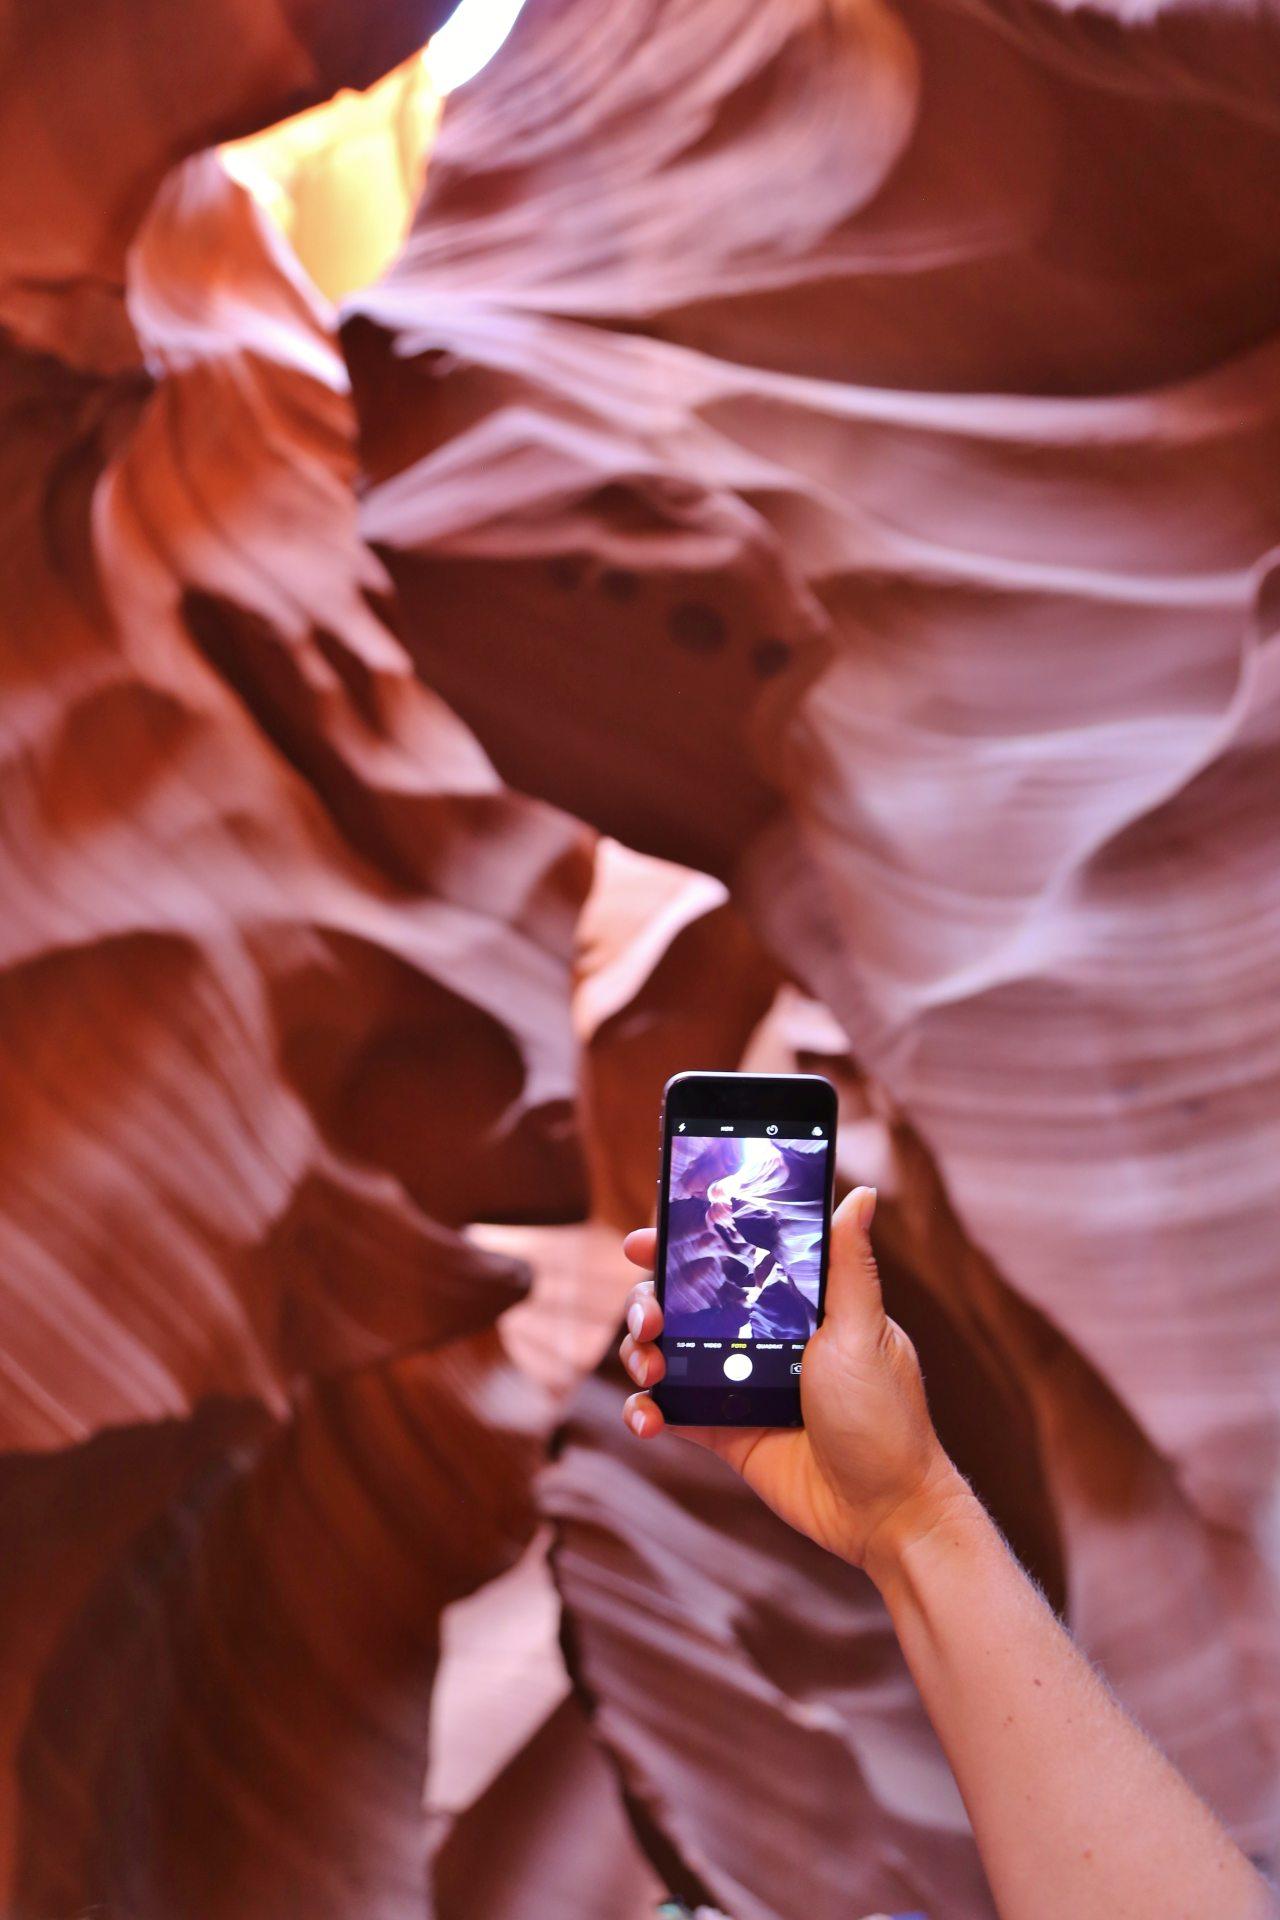 Ein Handybildschirm kann so viel Schönheit gar nicht erfassen - Antelope Canyon, Arizona, Canyon, Erosion, Felsformationen, Geologie, Licht, Lichteinfall, Lower Antelope Canyon, Page, Sandstein, Schatten, Schlucht, Slot Canyon, Spalte - (Page, Arizona, Vereinigte Staaten)